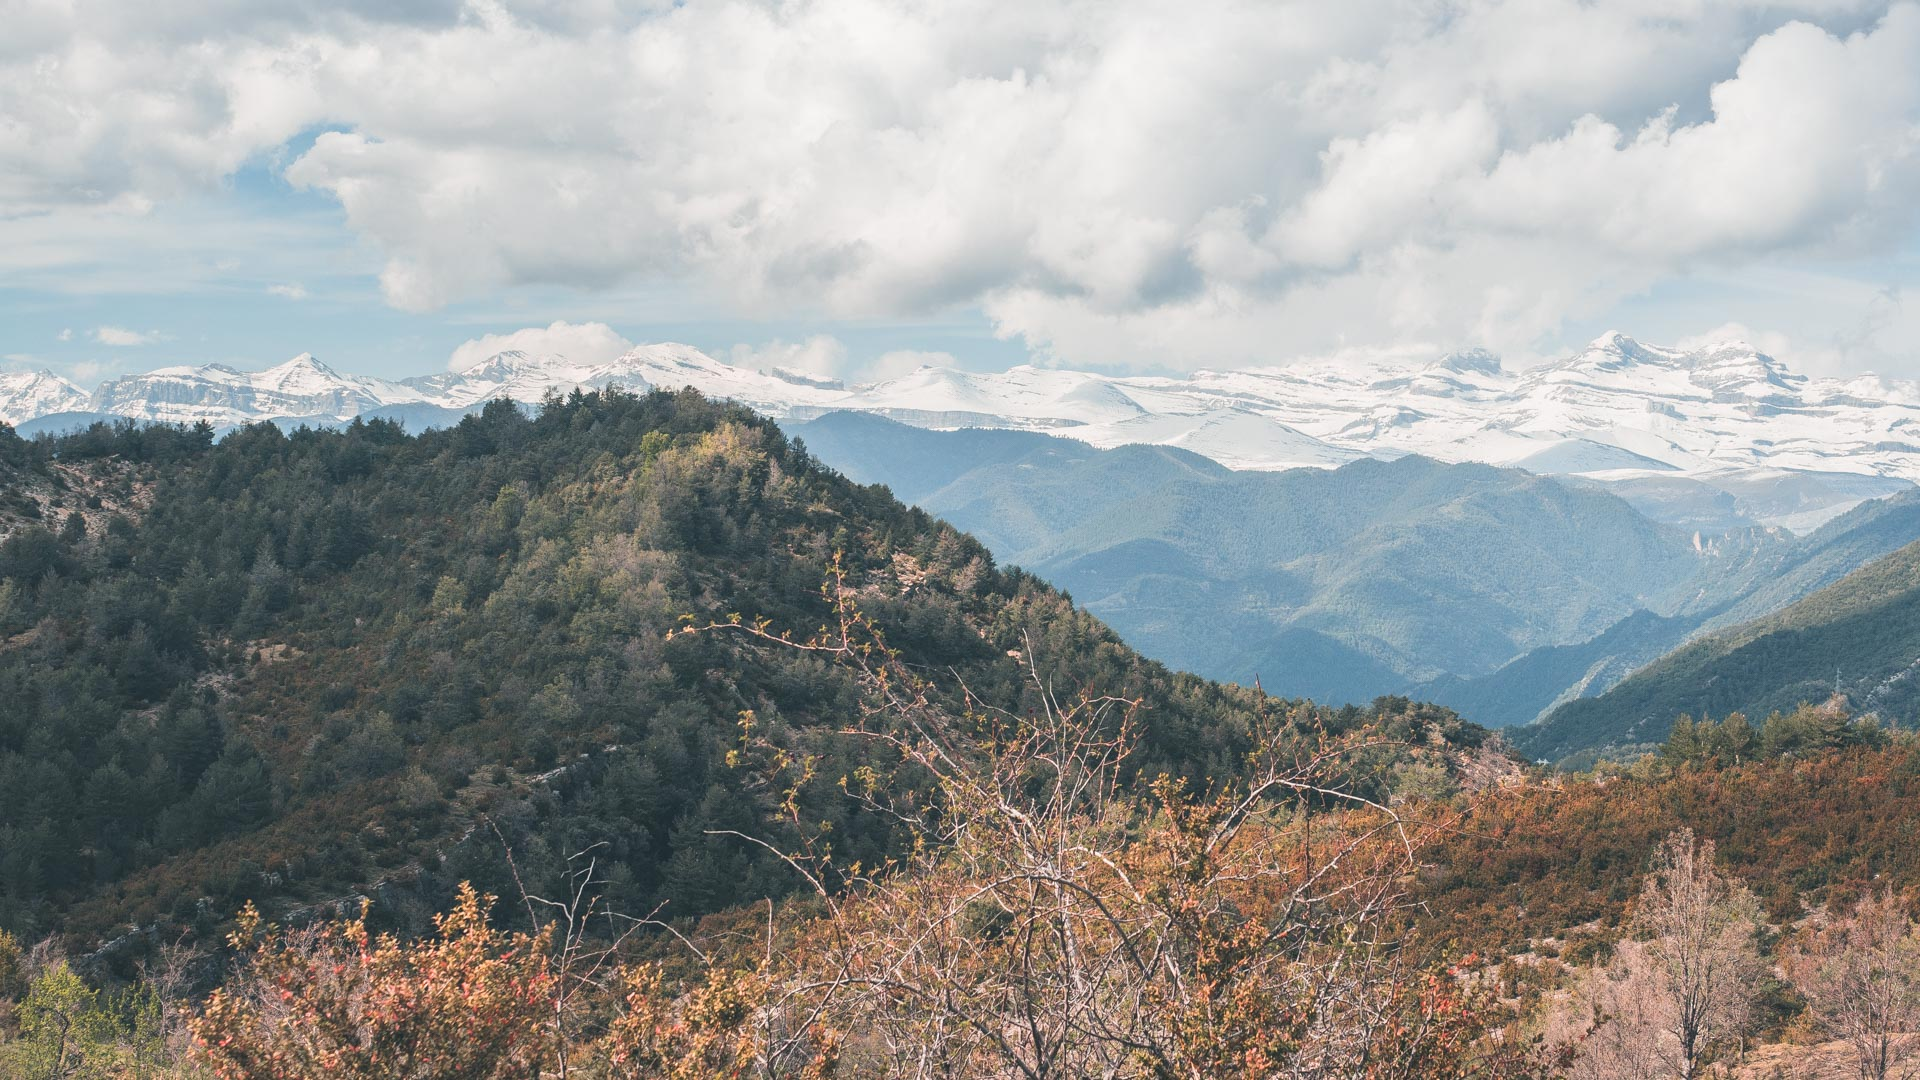 GLR 24 Region Image 1